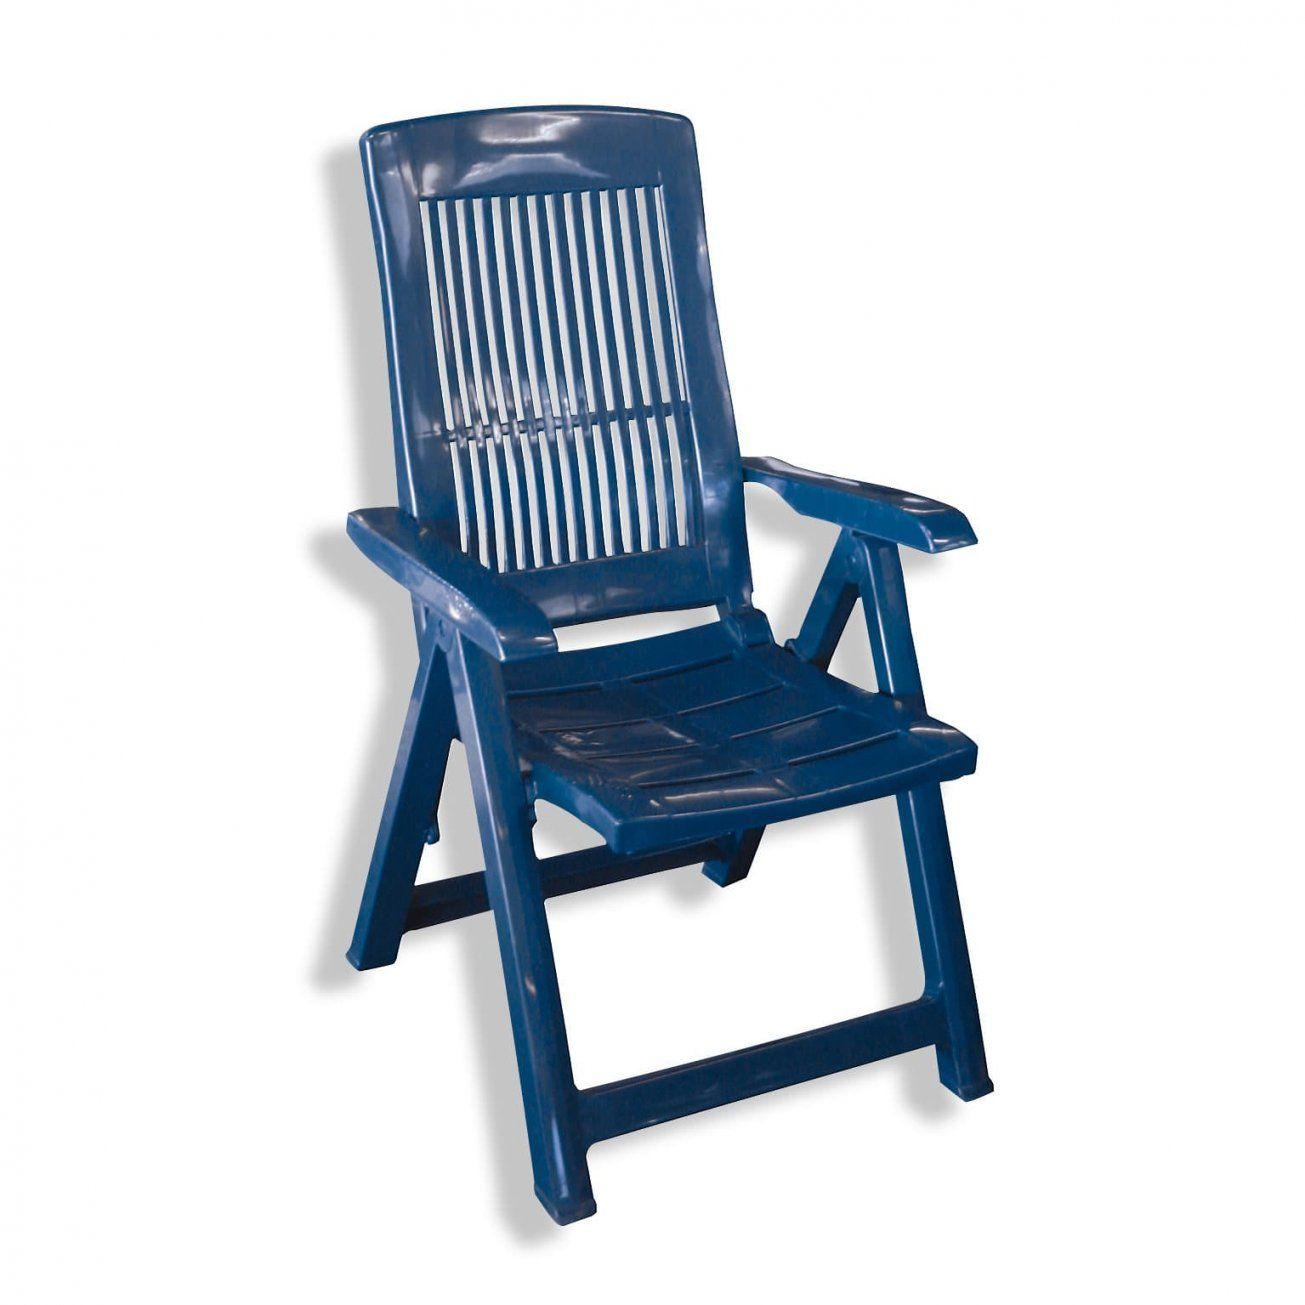 Gartenstühle Blau Kunststoff La89 – Hitoiro von Gartenstuhl Hochlehner Kunststoff Blau Photo